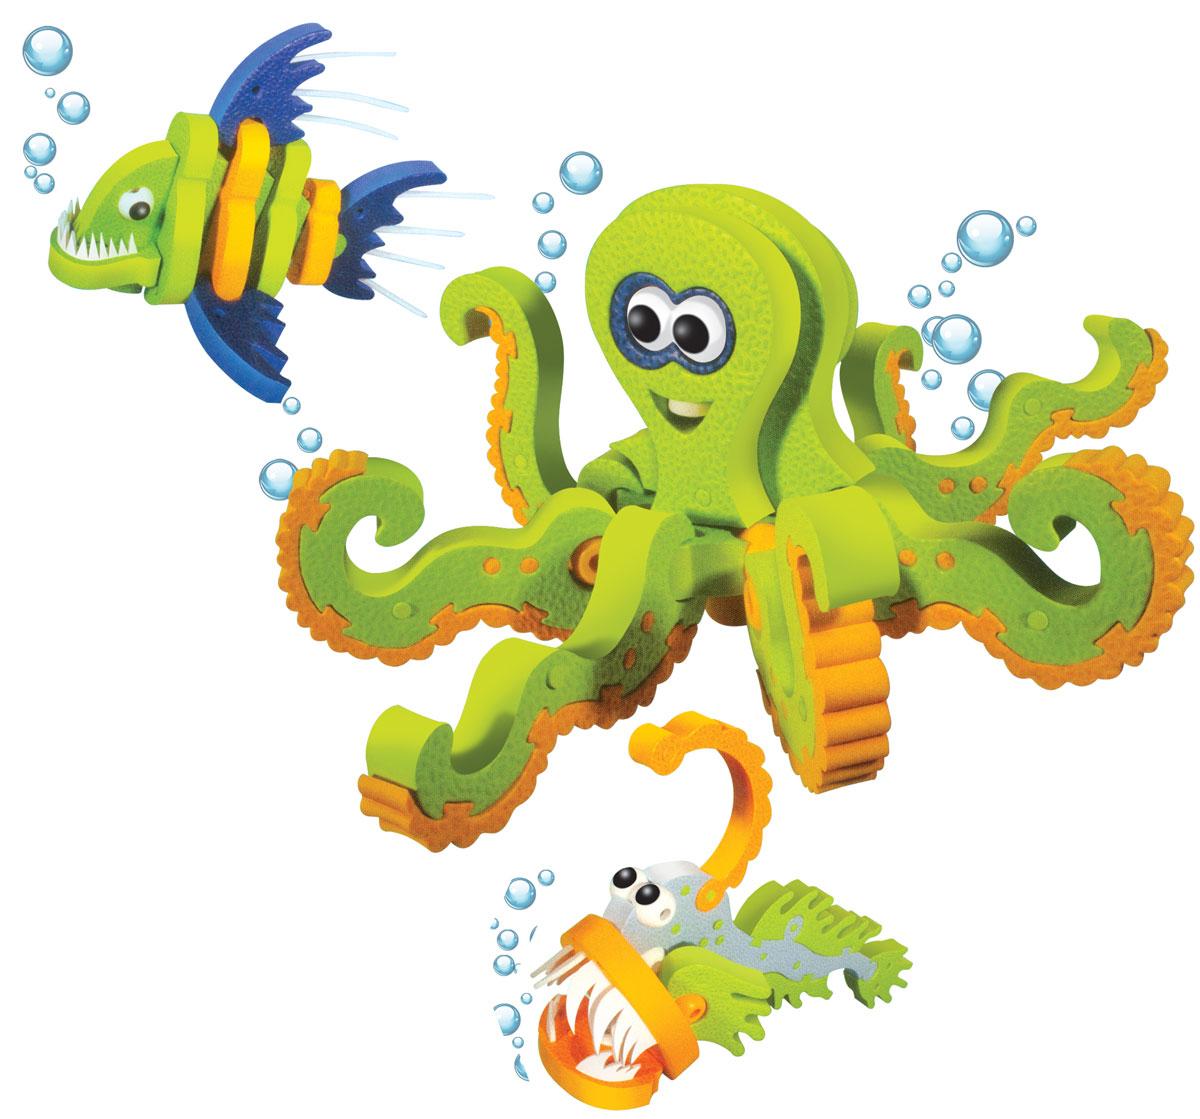 Bebelot 3D мягкий конструктор Морские обитателиBEB0706-020Мягкий 3D конструктор Bebelot поможет вашему малышу собрать фигурку тигра, который будет так похож на настоящего! Во время игры у ребёнка развивается мелкая моторика, усидчивость, внимание и память. Конструктор изготовлен из экологически чистого и безопасного материала EVA